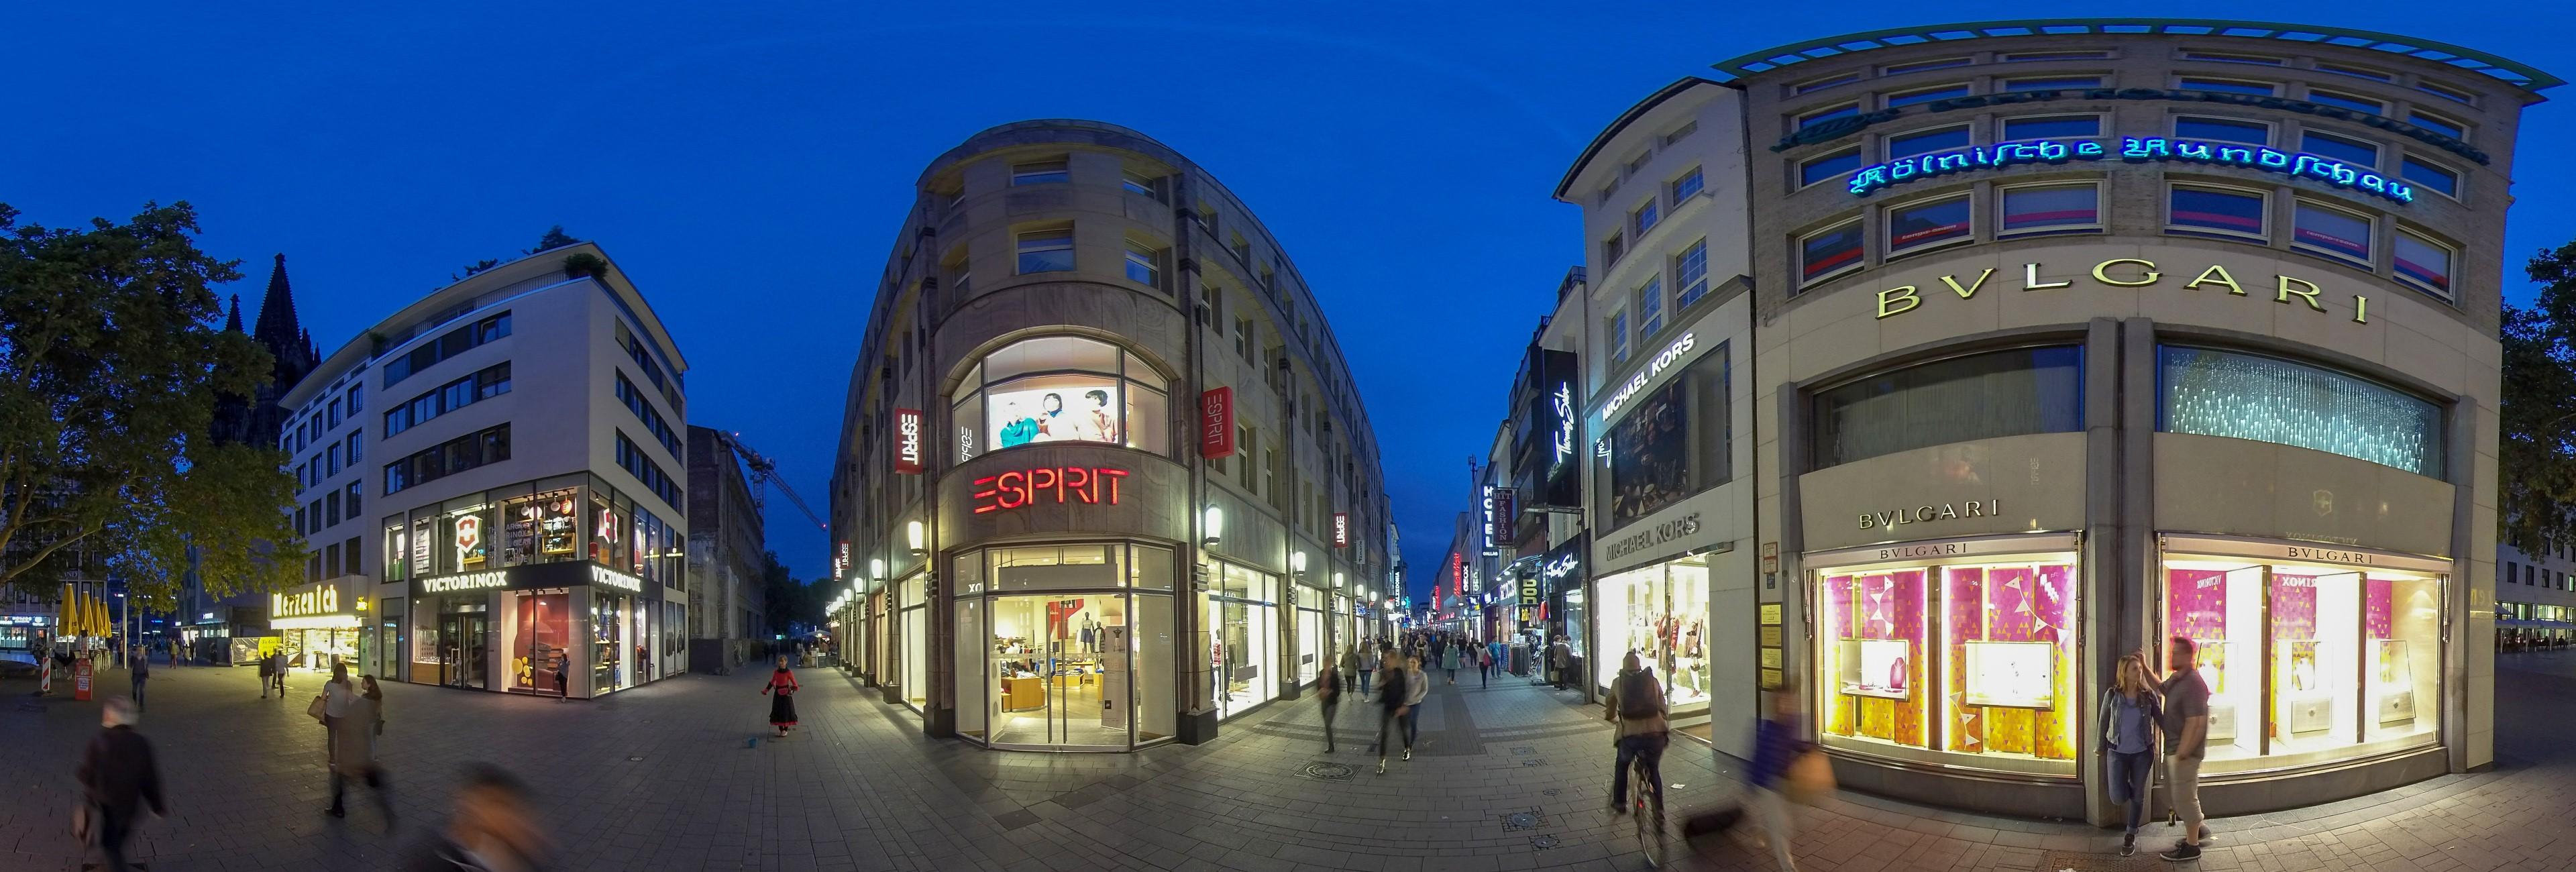 Slideshow_Einkaufsstraße